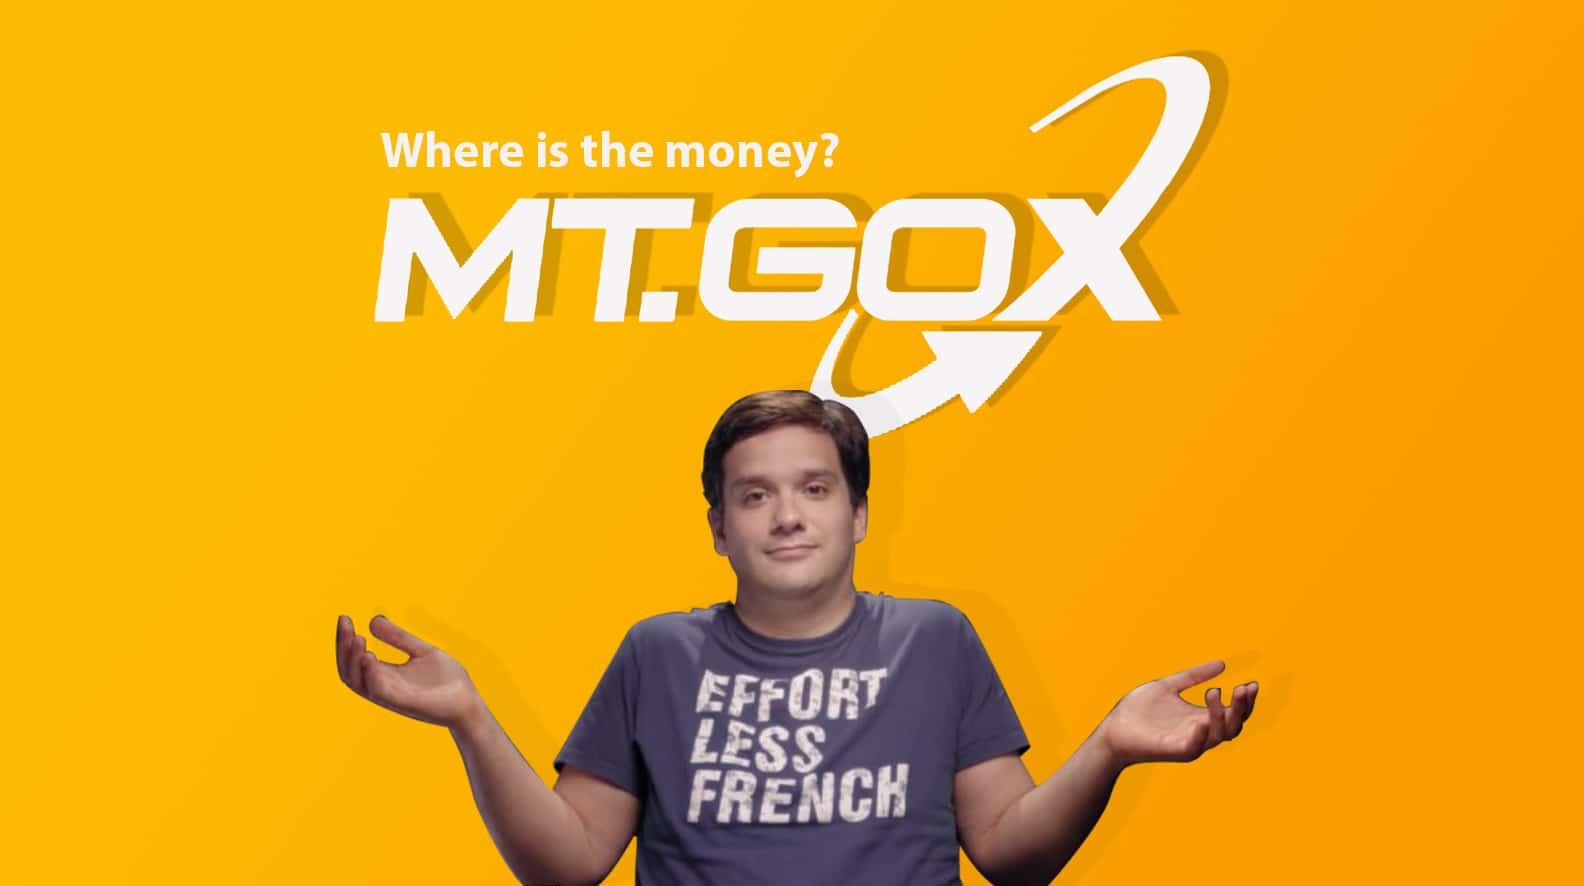 Mt. GOX hack uitgelegd